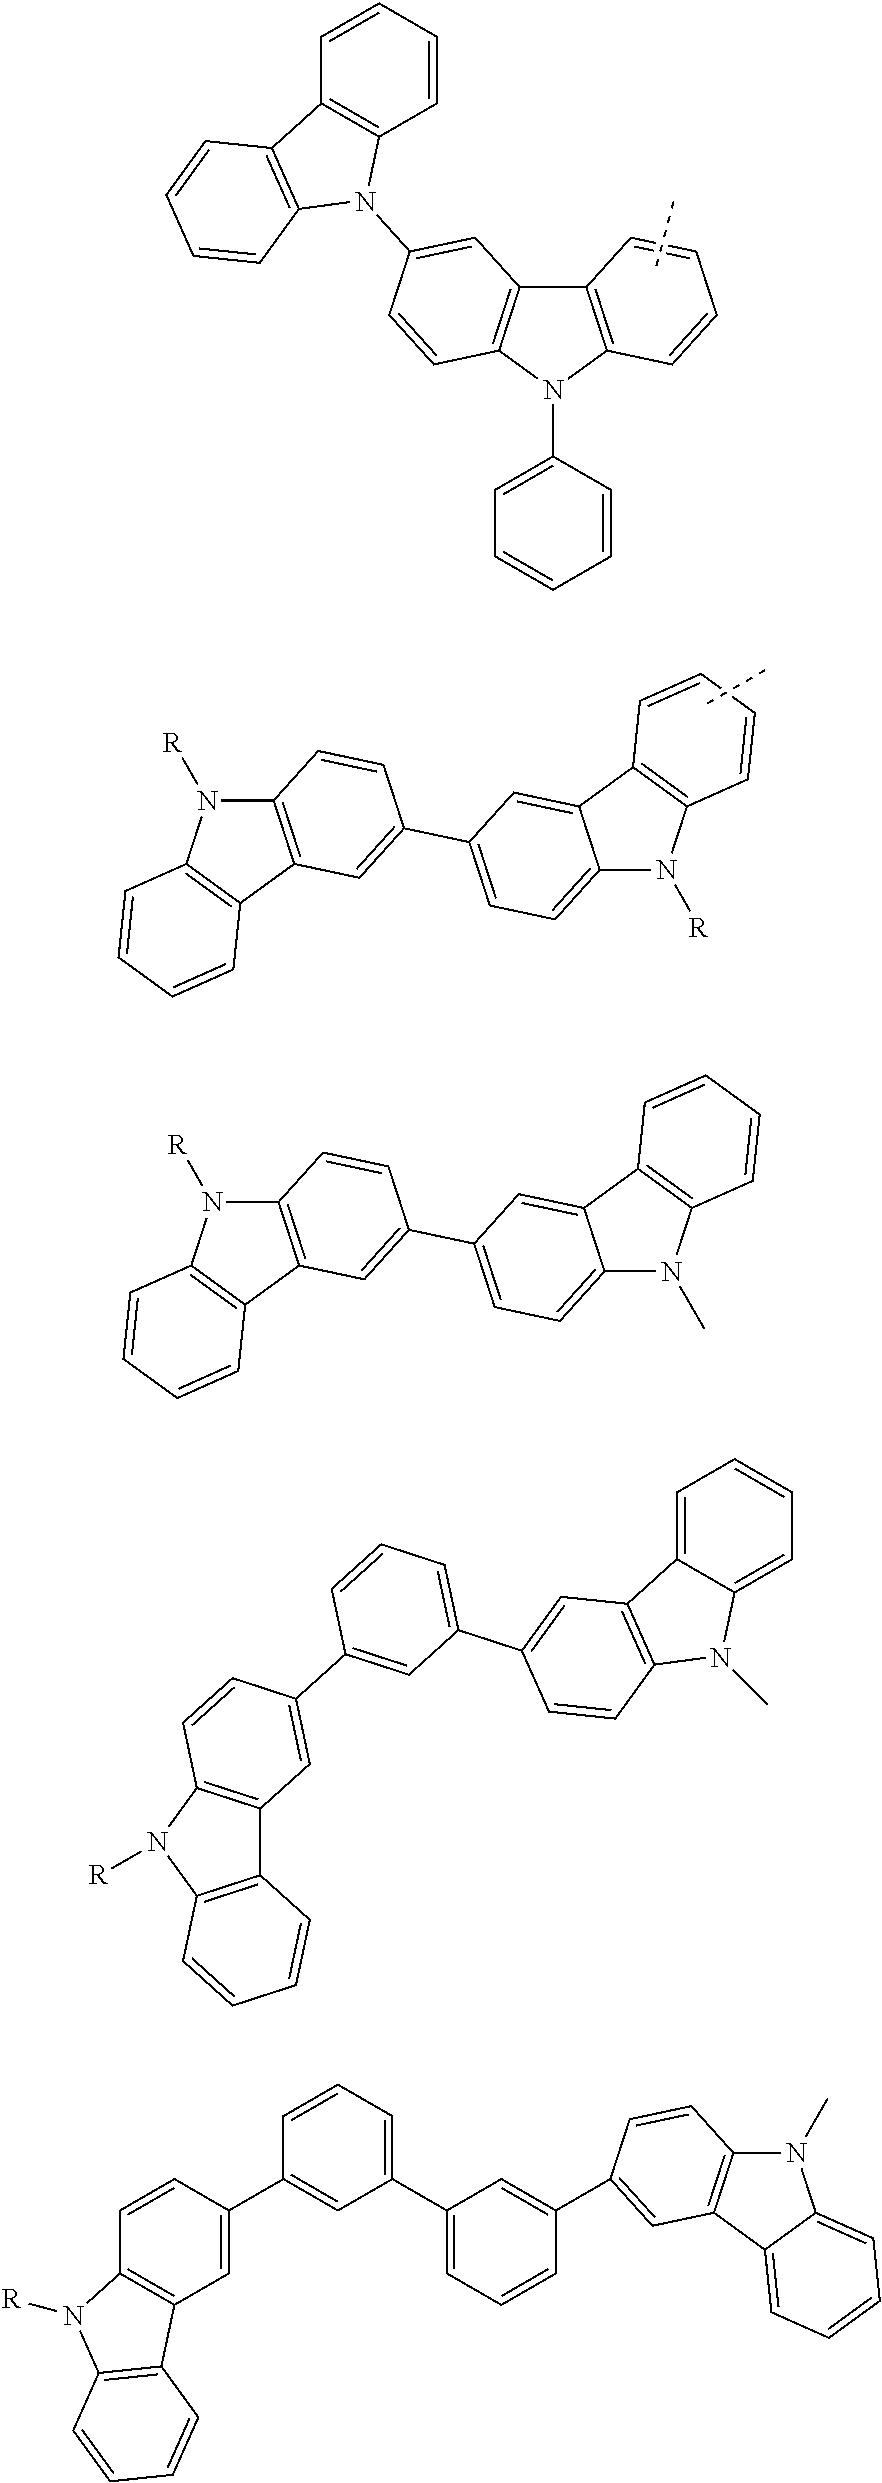 Figure US08652656-20140218-C00029